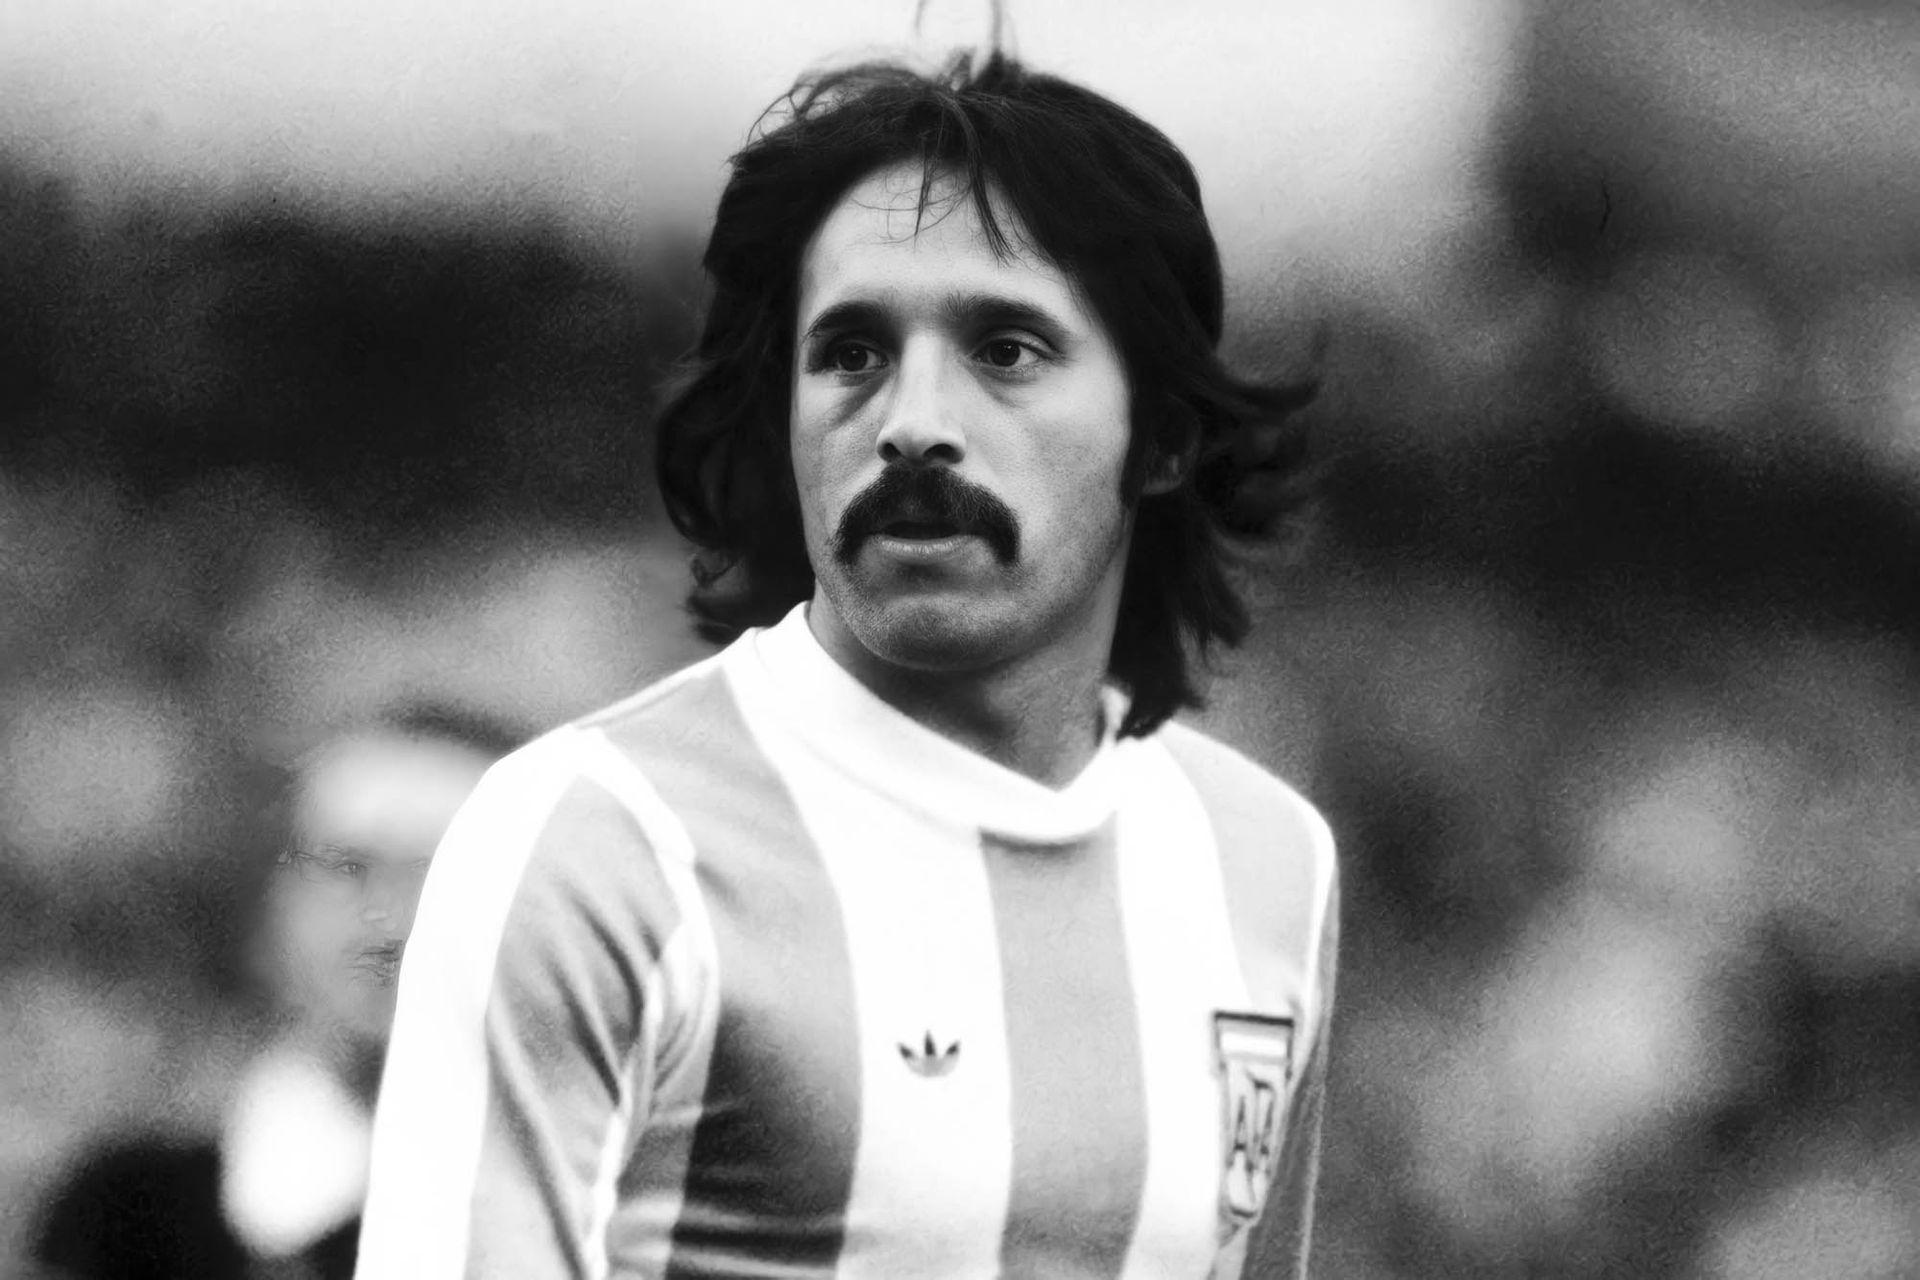 El jugador de fútbol se consagró campeón argentino en el Mundial de 1978